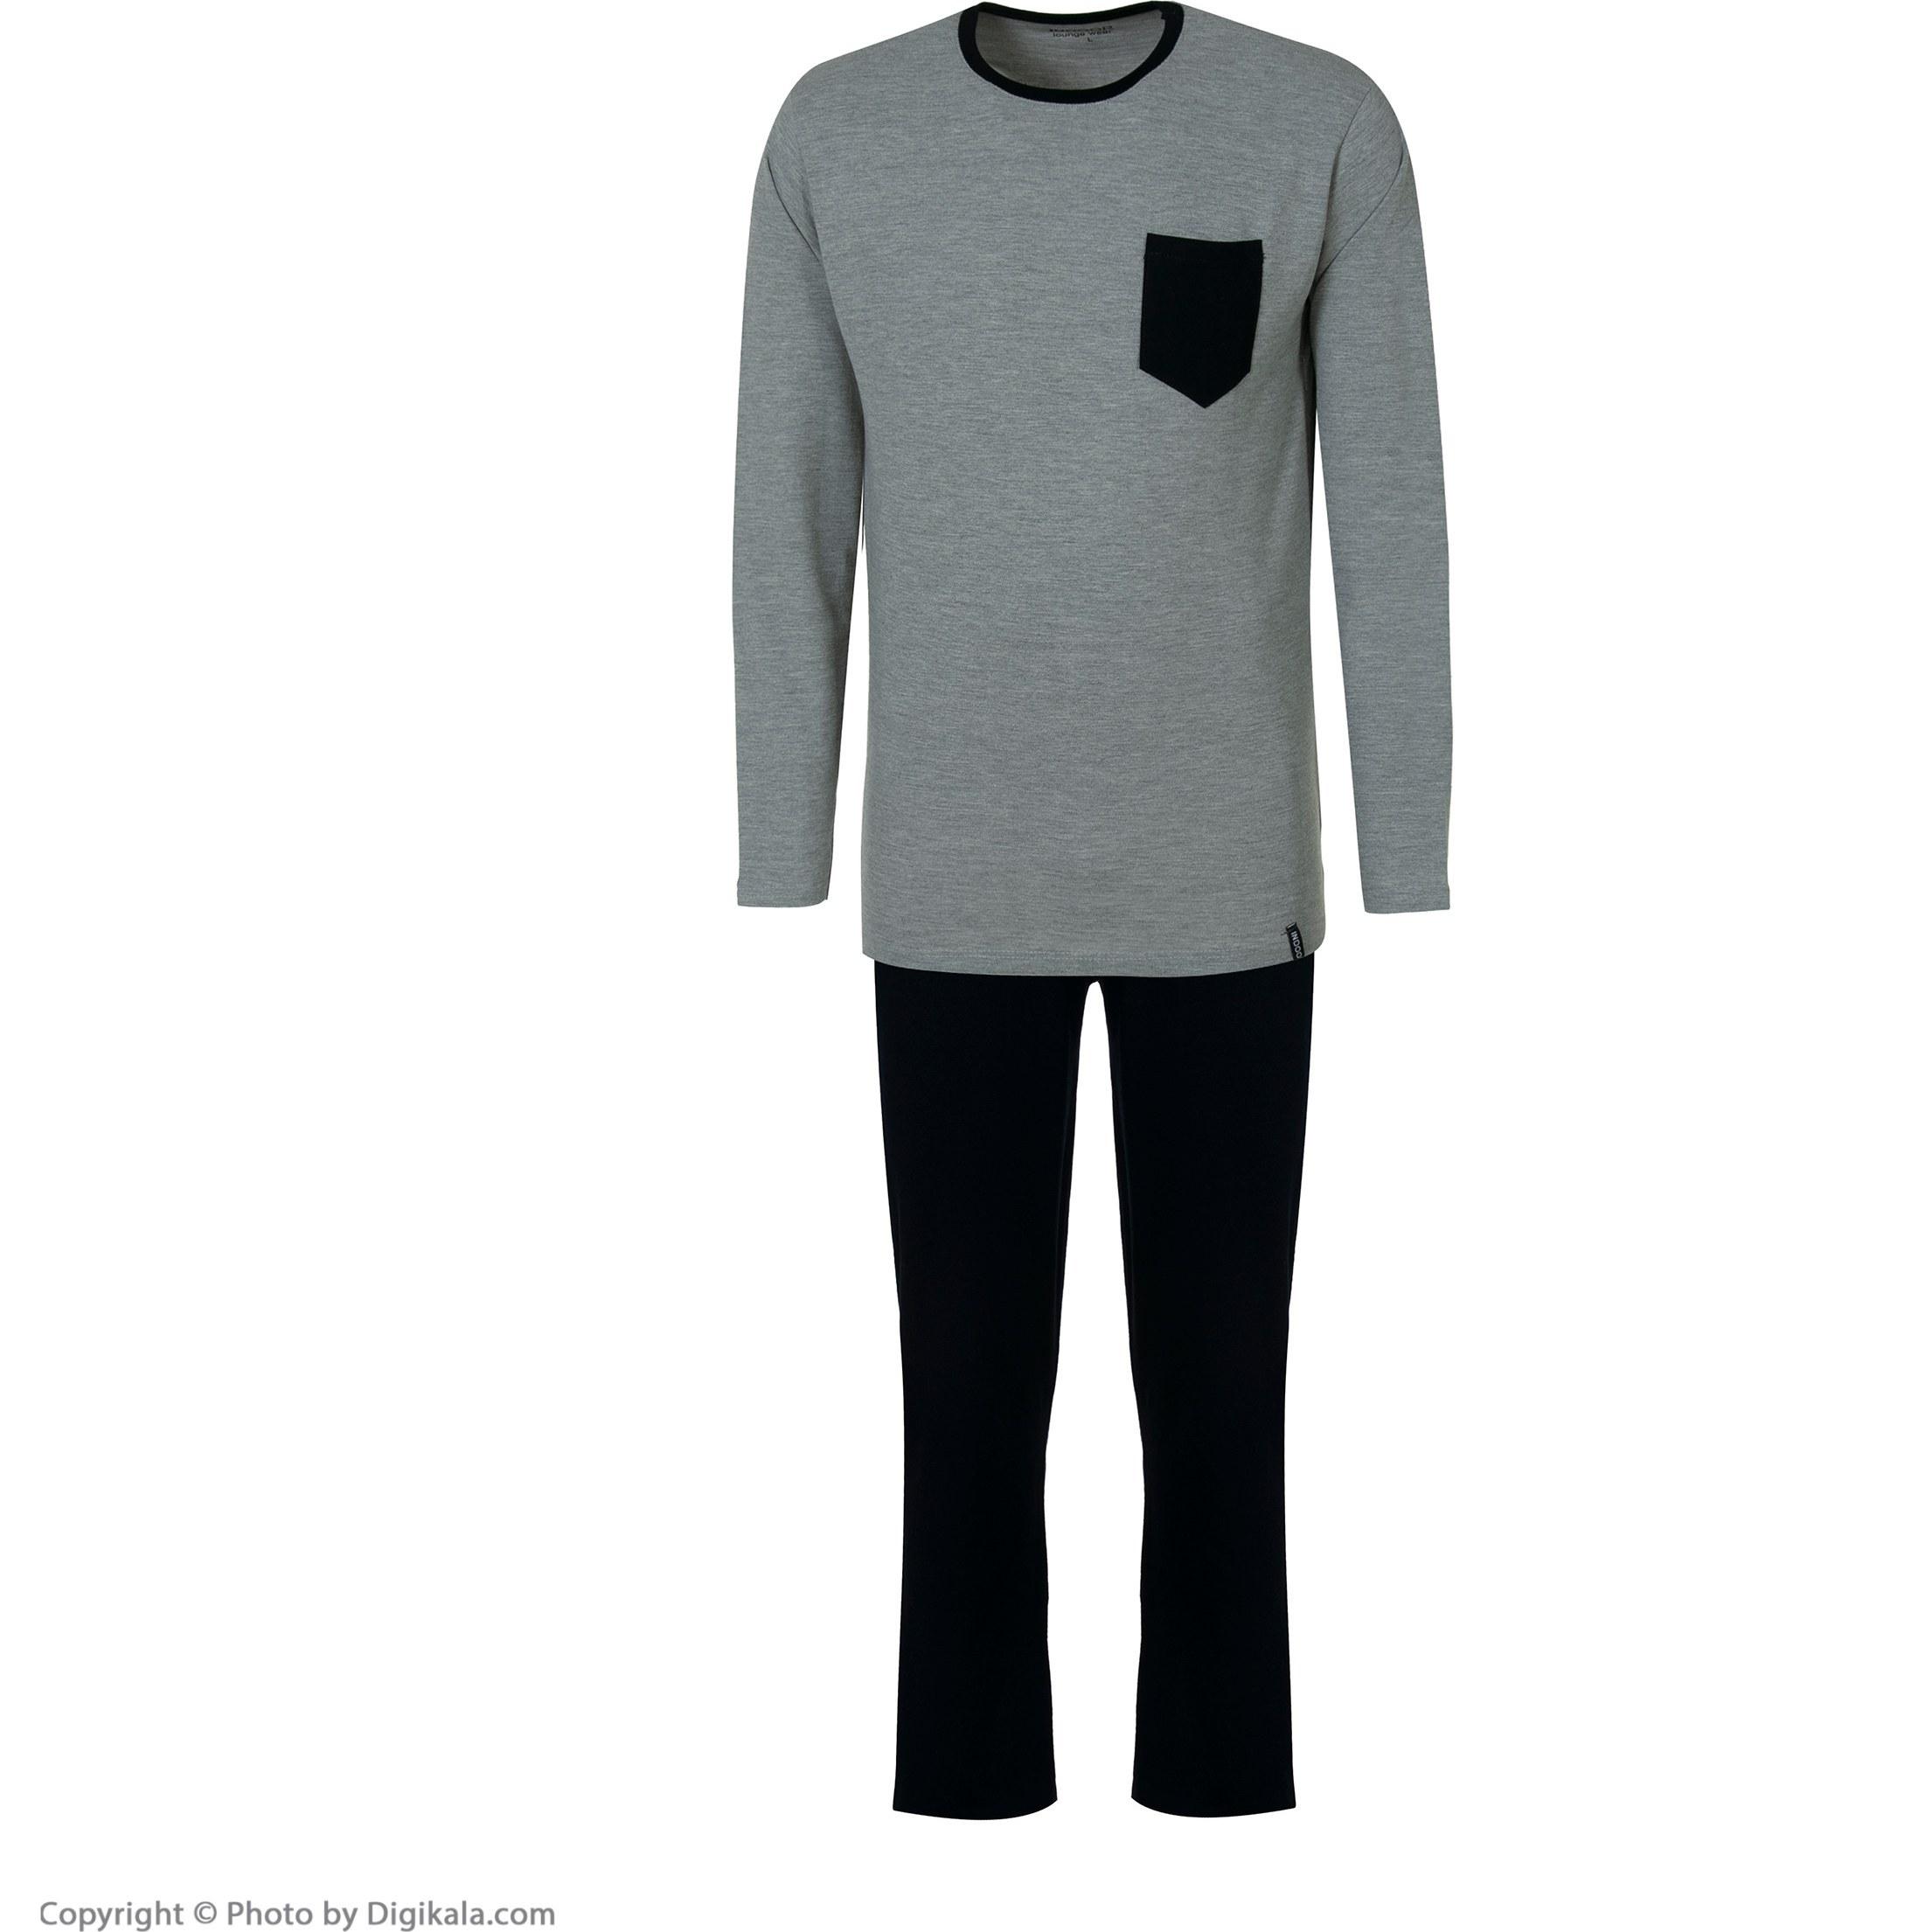 ست لباس راحتی تیشرت و شلوار مردانه ایندور مدل 1315